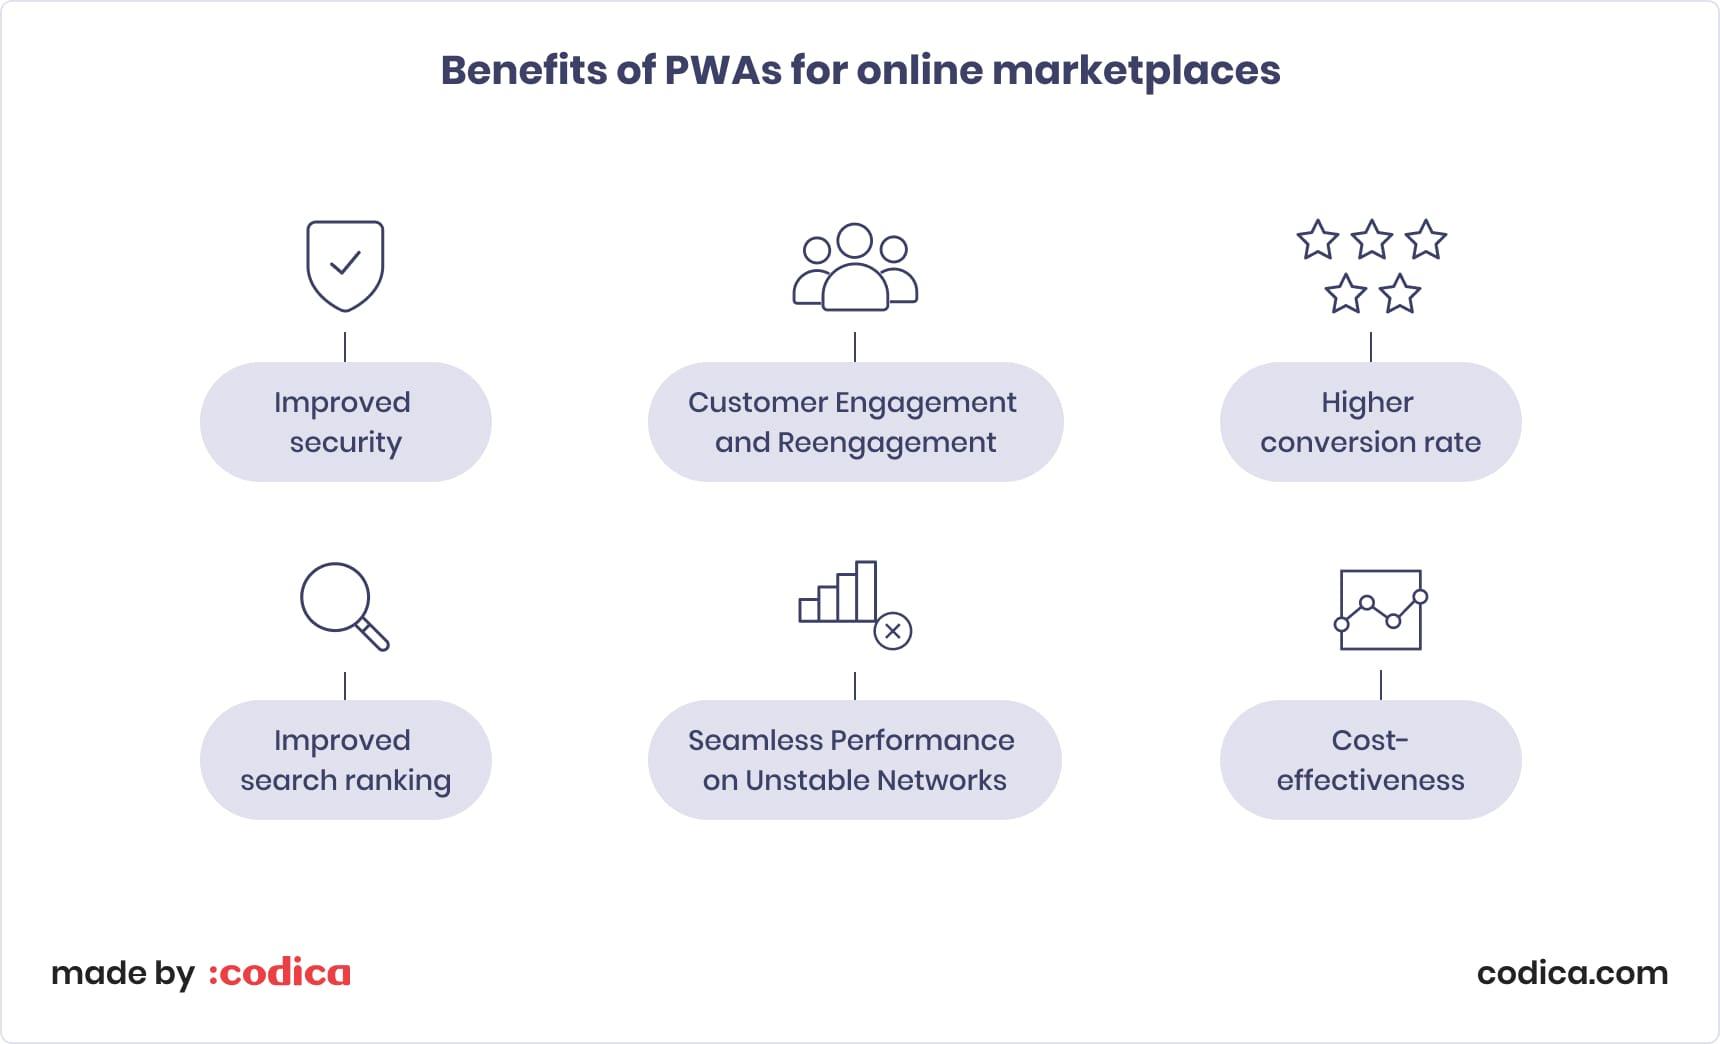 Benefits of PWA for e-commerce marketplaces | Codica